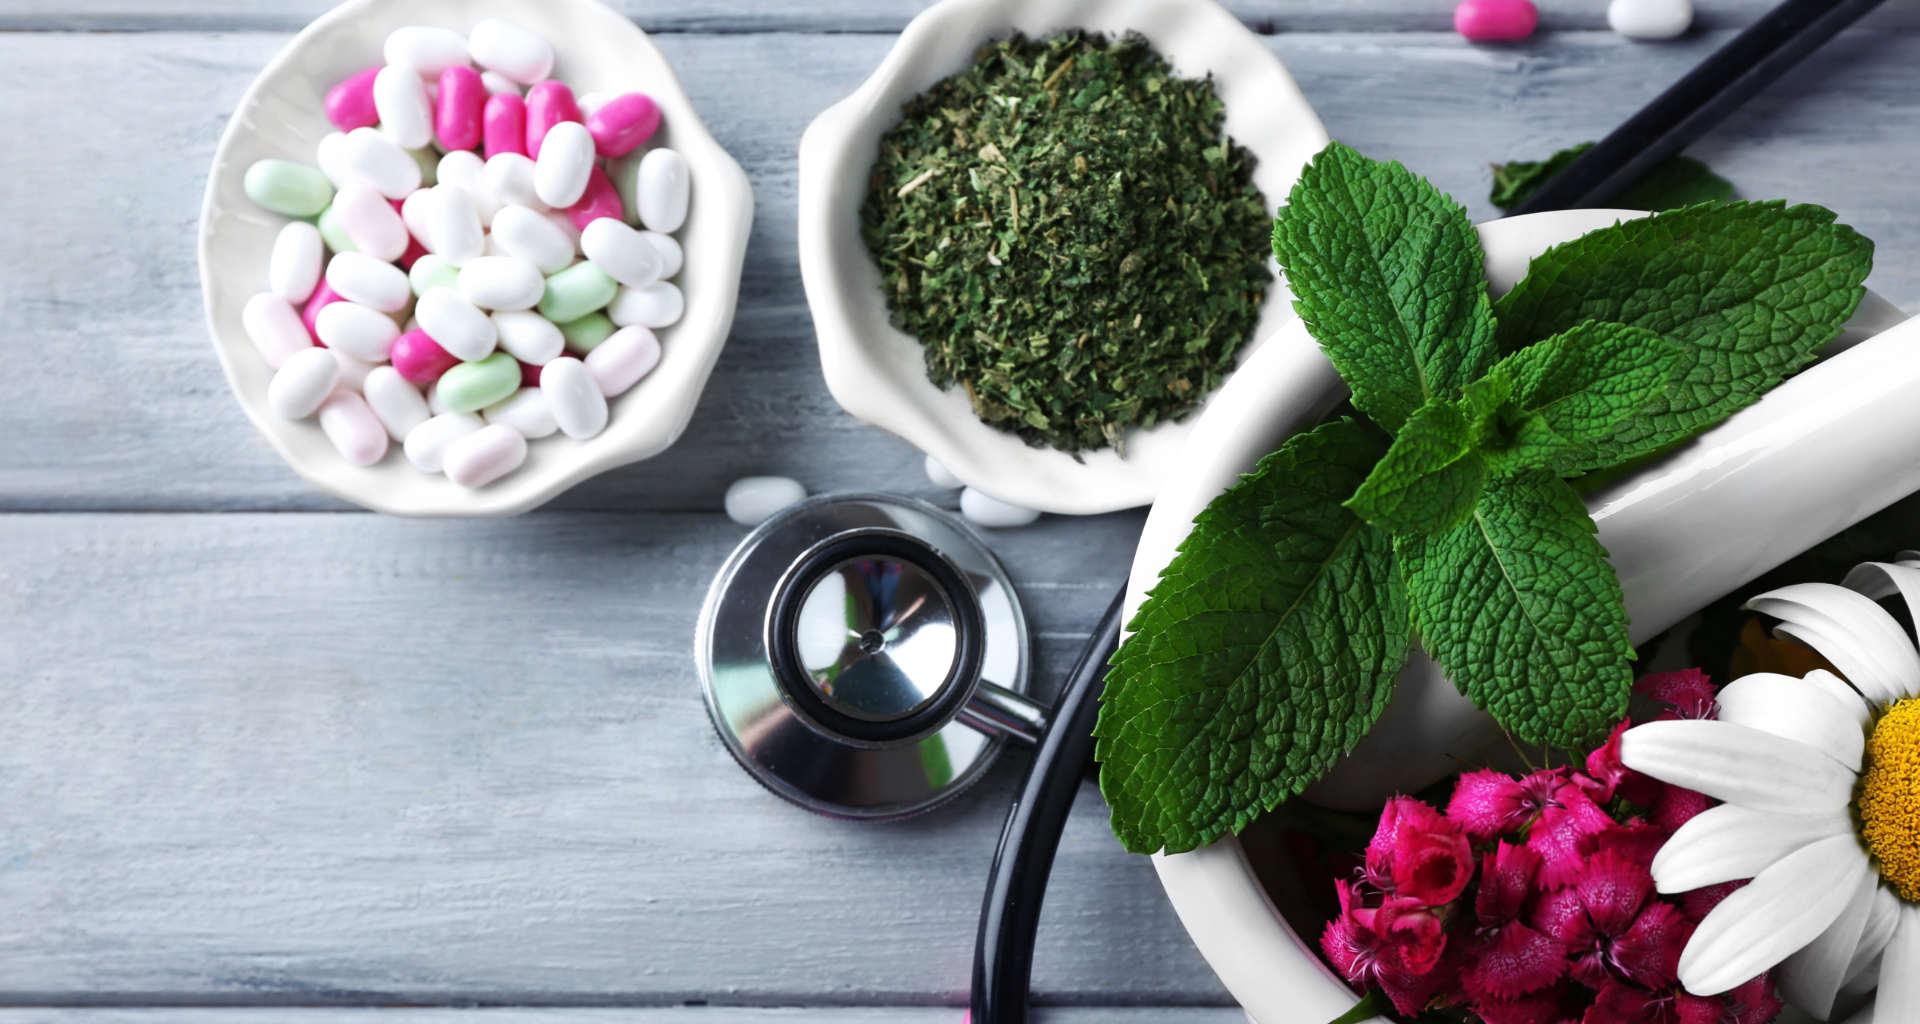 Iščete izvajalca alternativnih metod zdravljenja? Pomagali vam bomo najti pravega zdravnika alternativne medicine